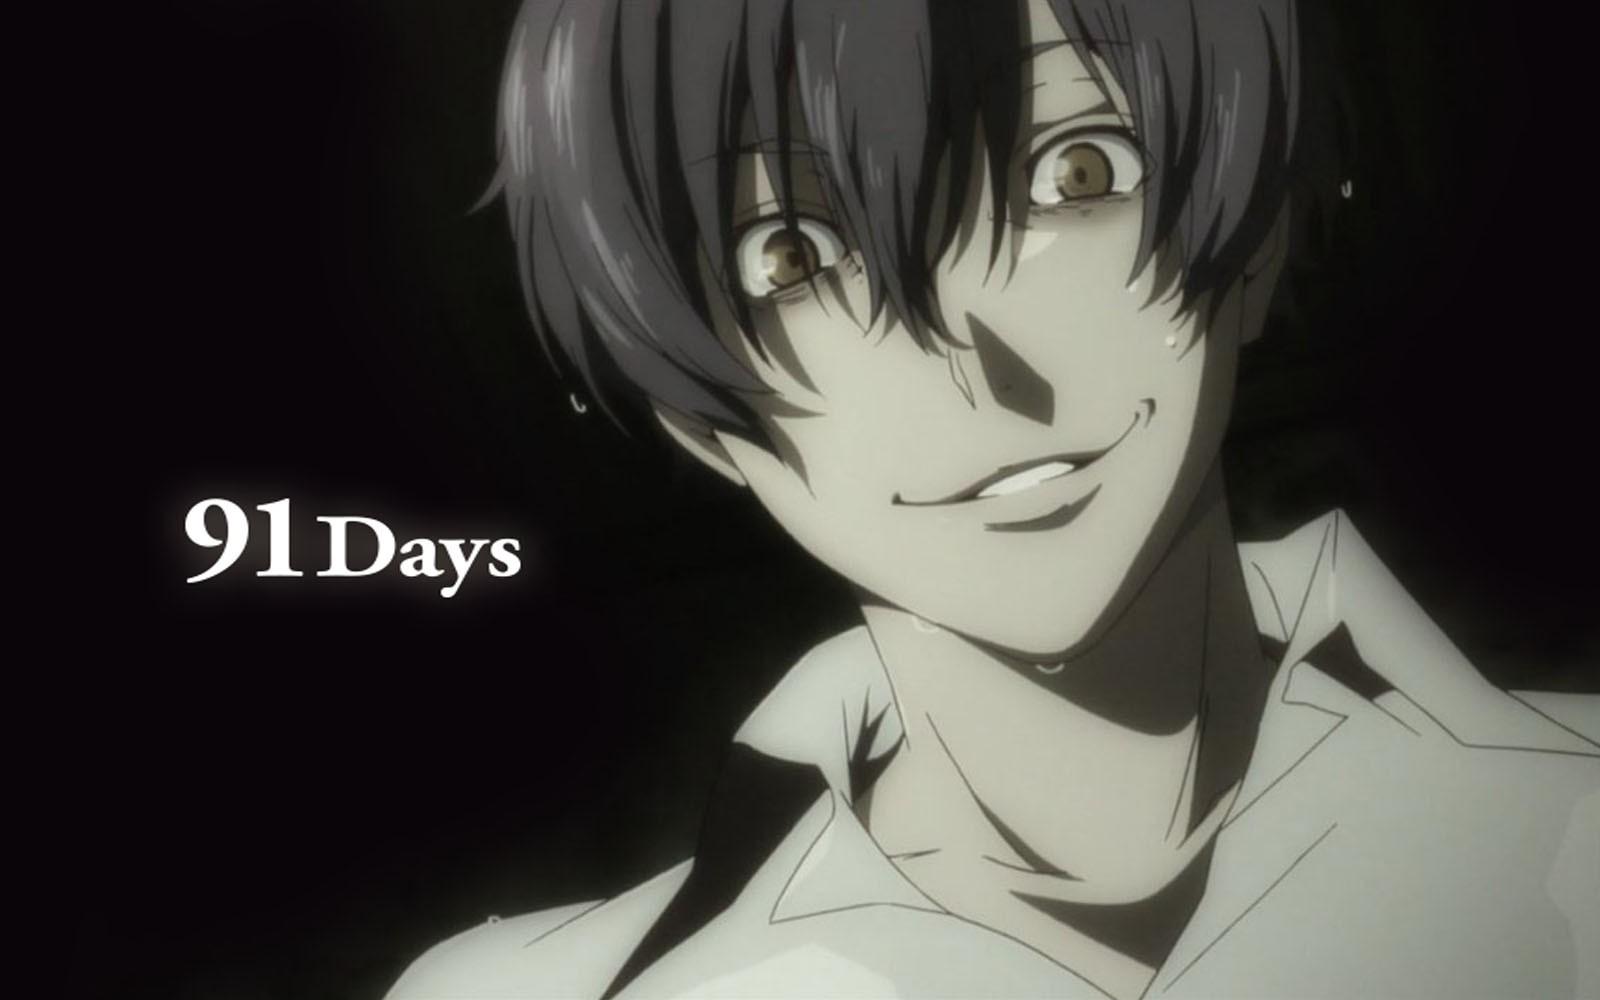 Wallpaper 91 Days Anime Boys Angelo Lagusa 1600x1000 Hanako